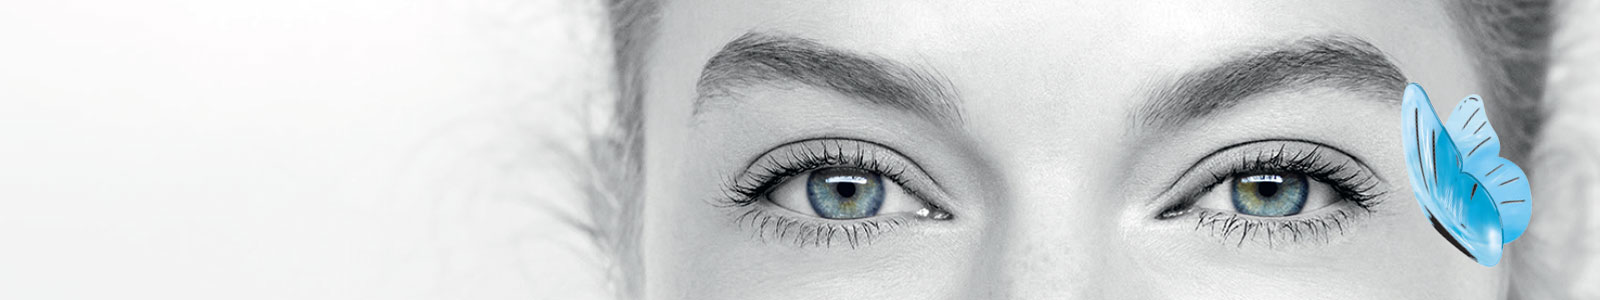 bdd16f51143bf Lentilles de contact bi-mensuelles - Afflelou.com